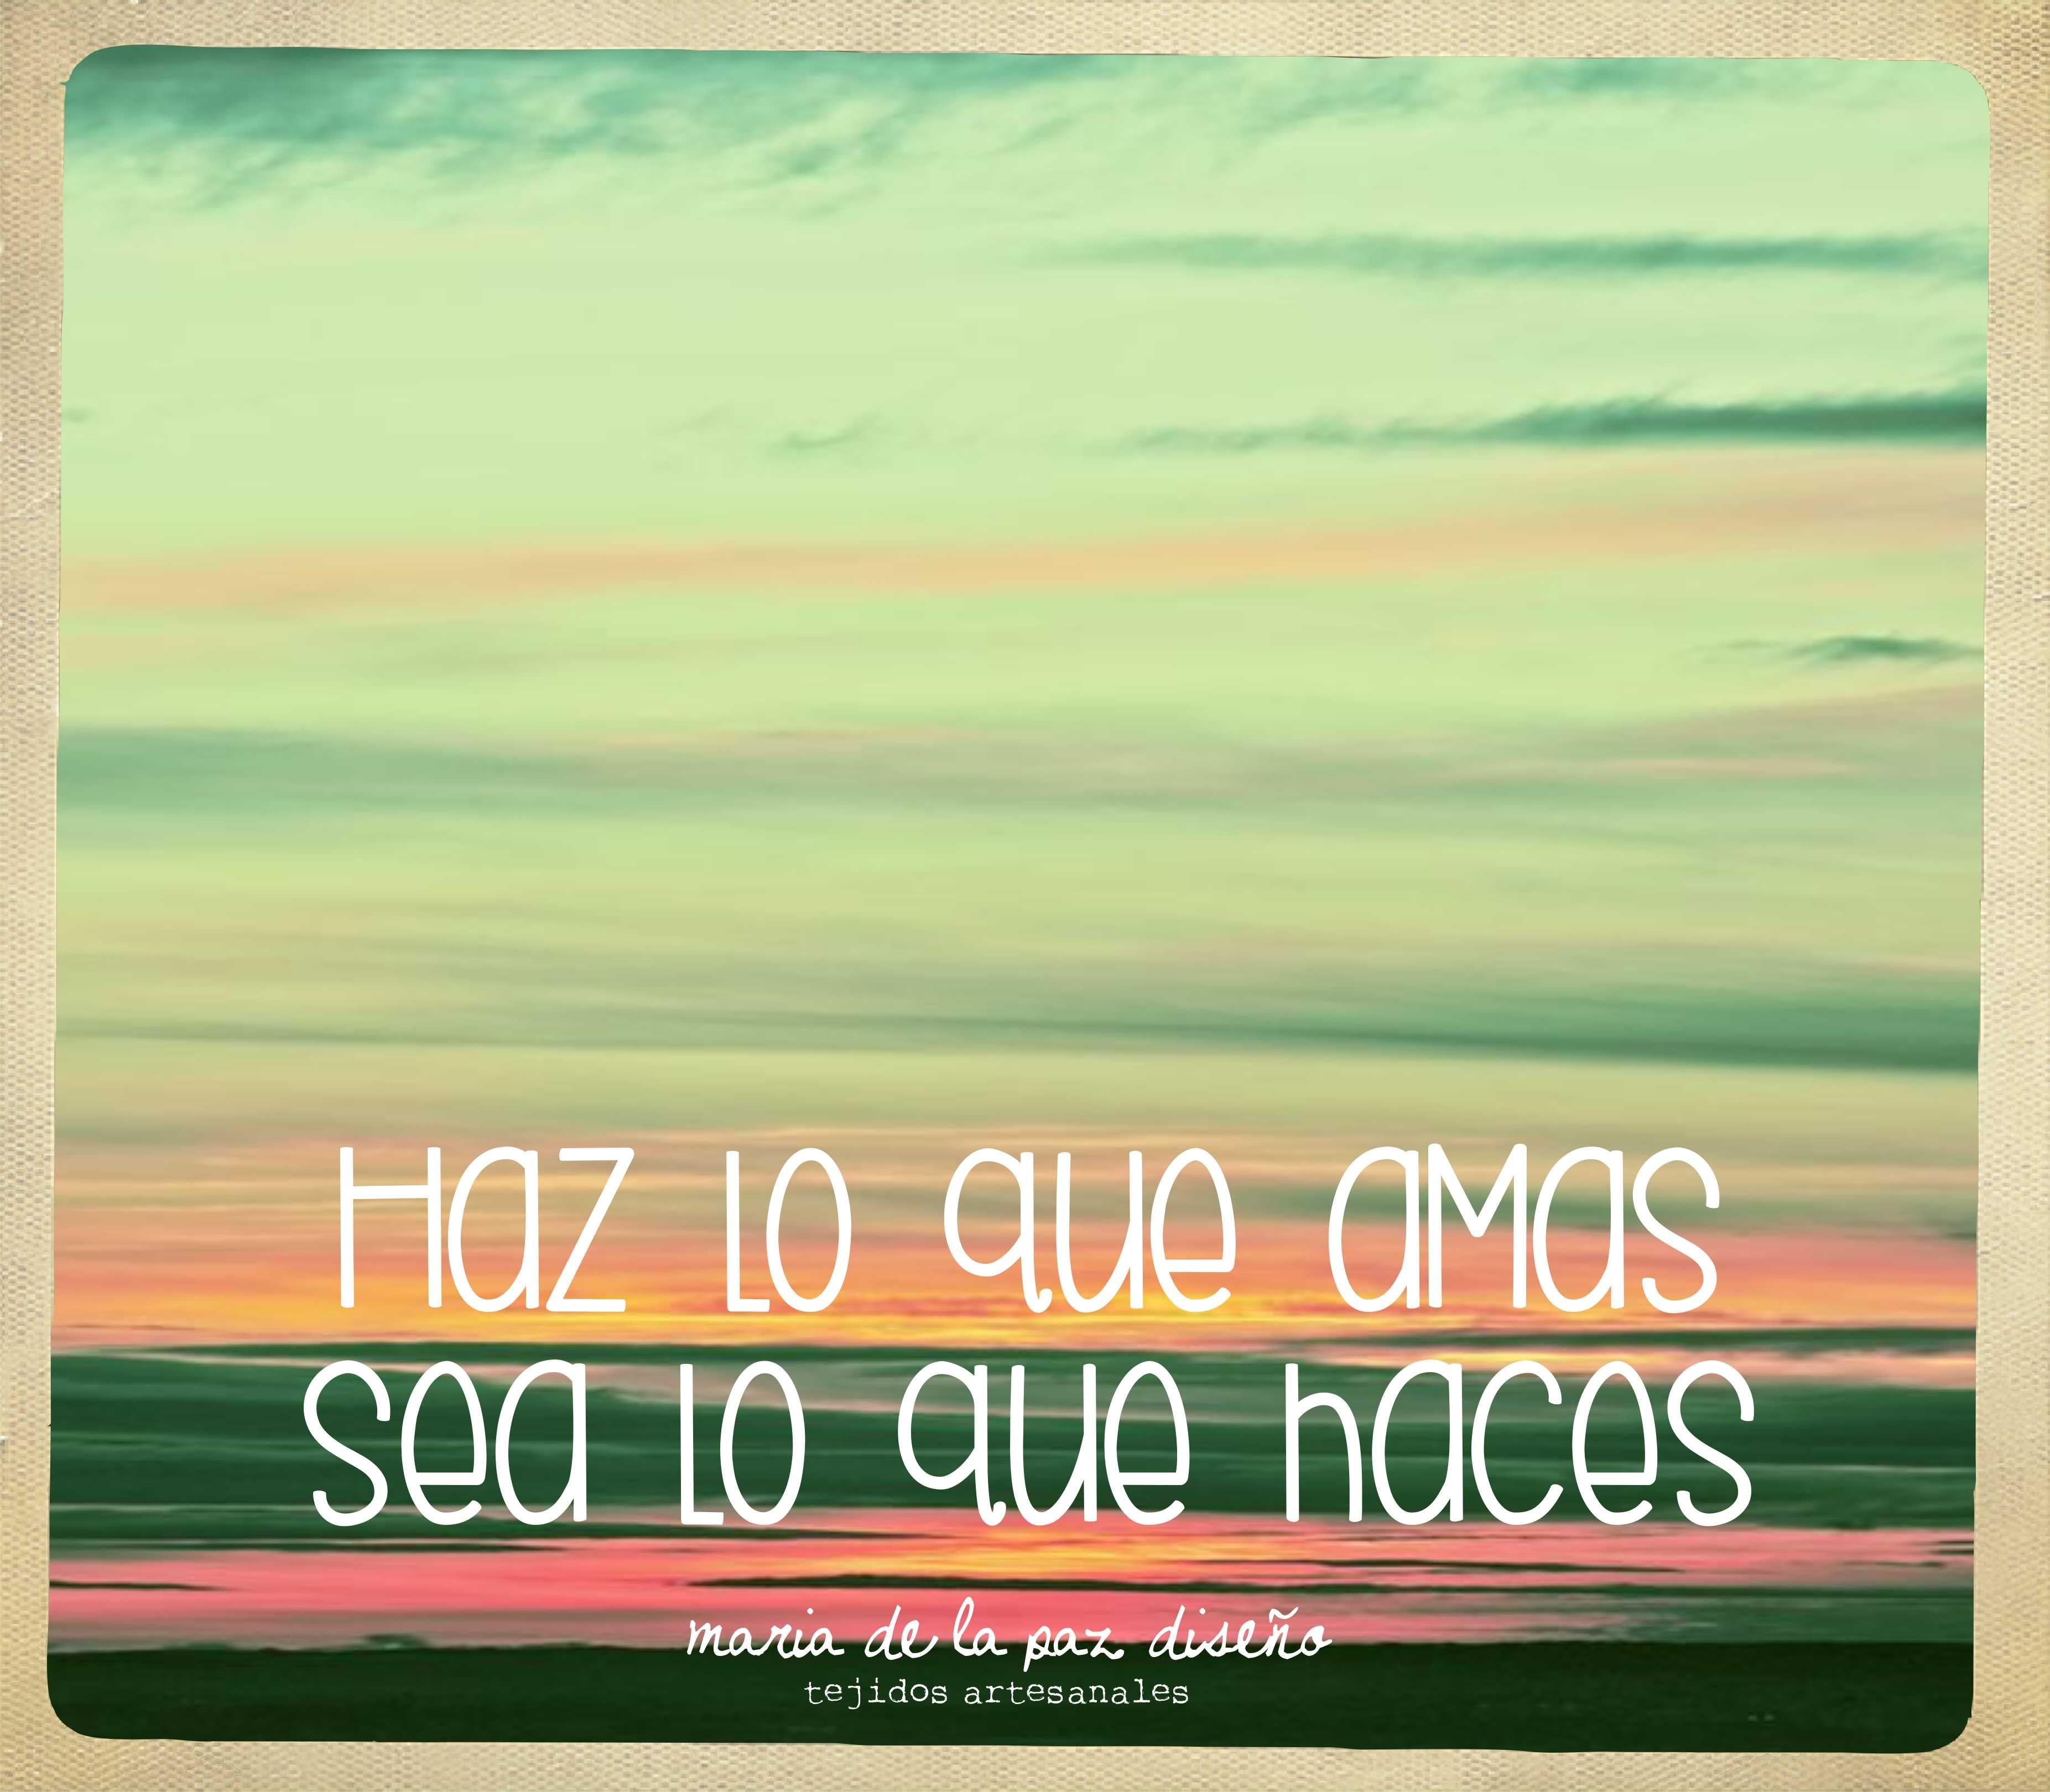 haz lo que #amas sea lo que #haces